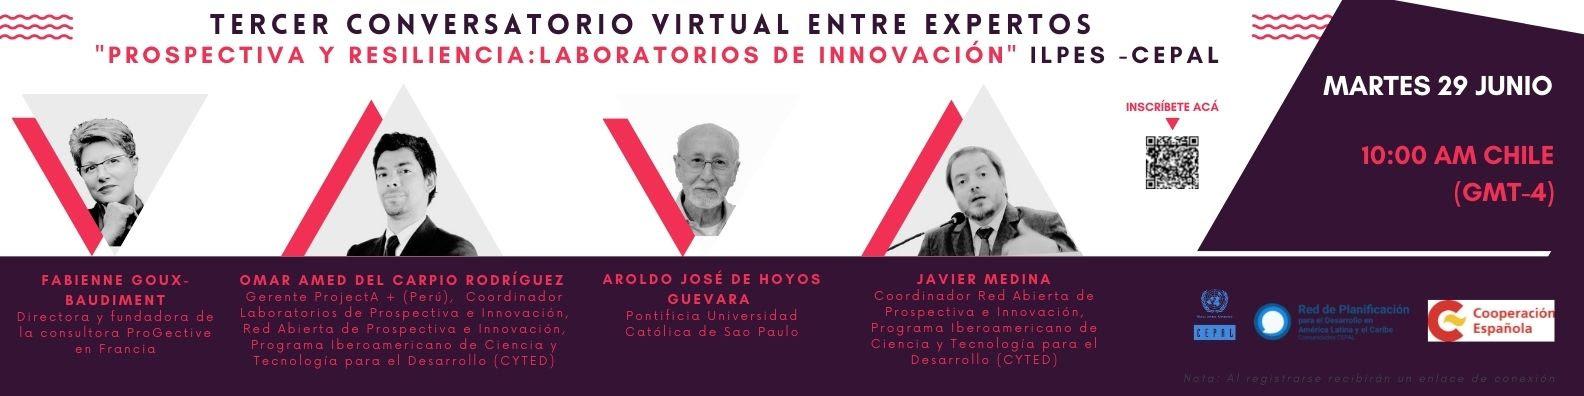 Tercer conversatorio virtual entre expertos Prospectiva y Resiliencia: Laboratorios de Innovación